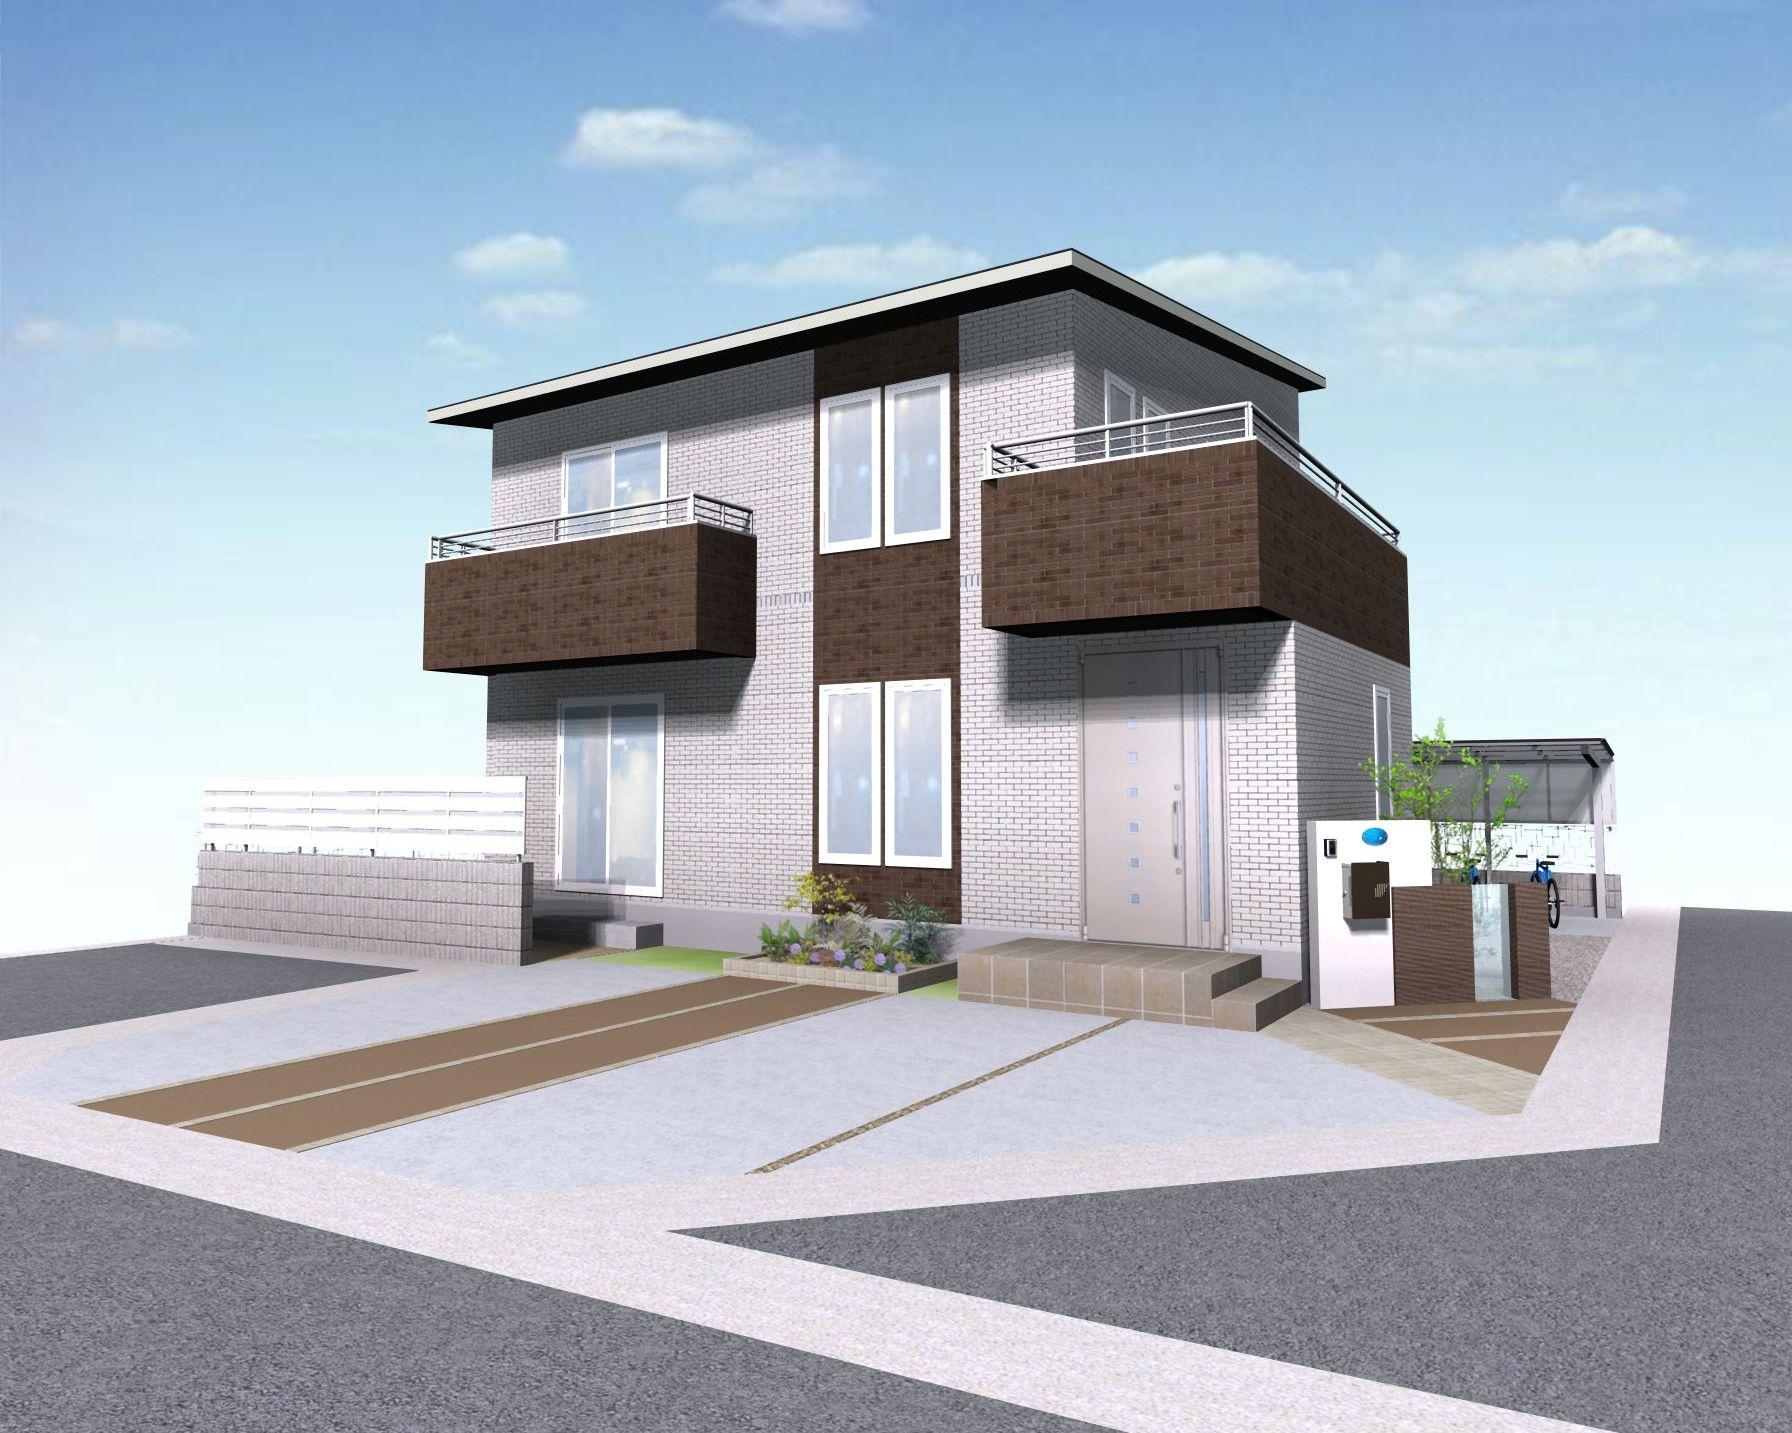 姫路市T様邸エクステリア工事完成イメージパース